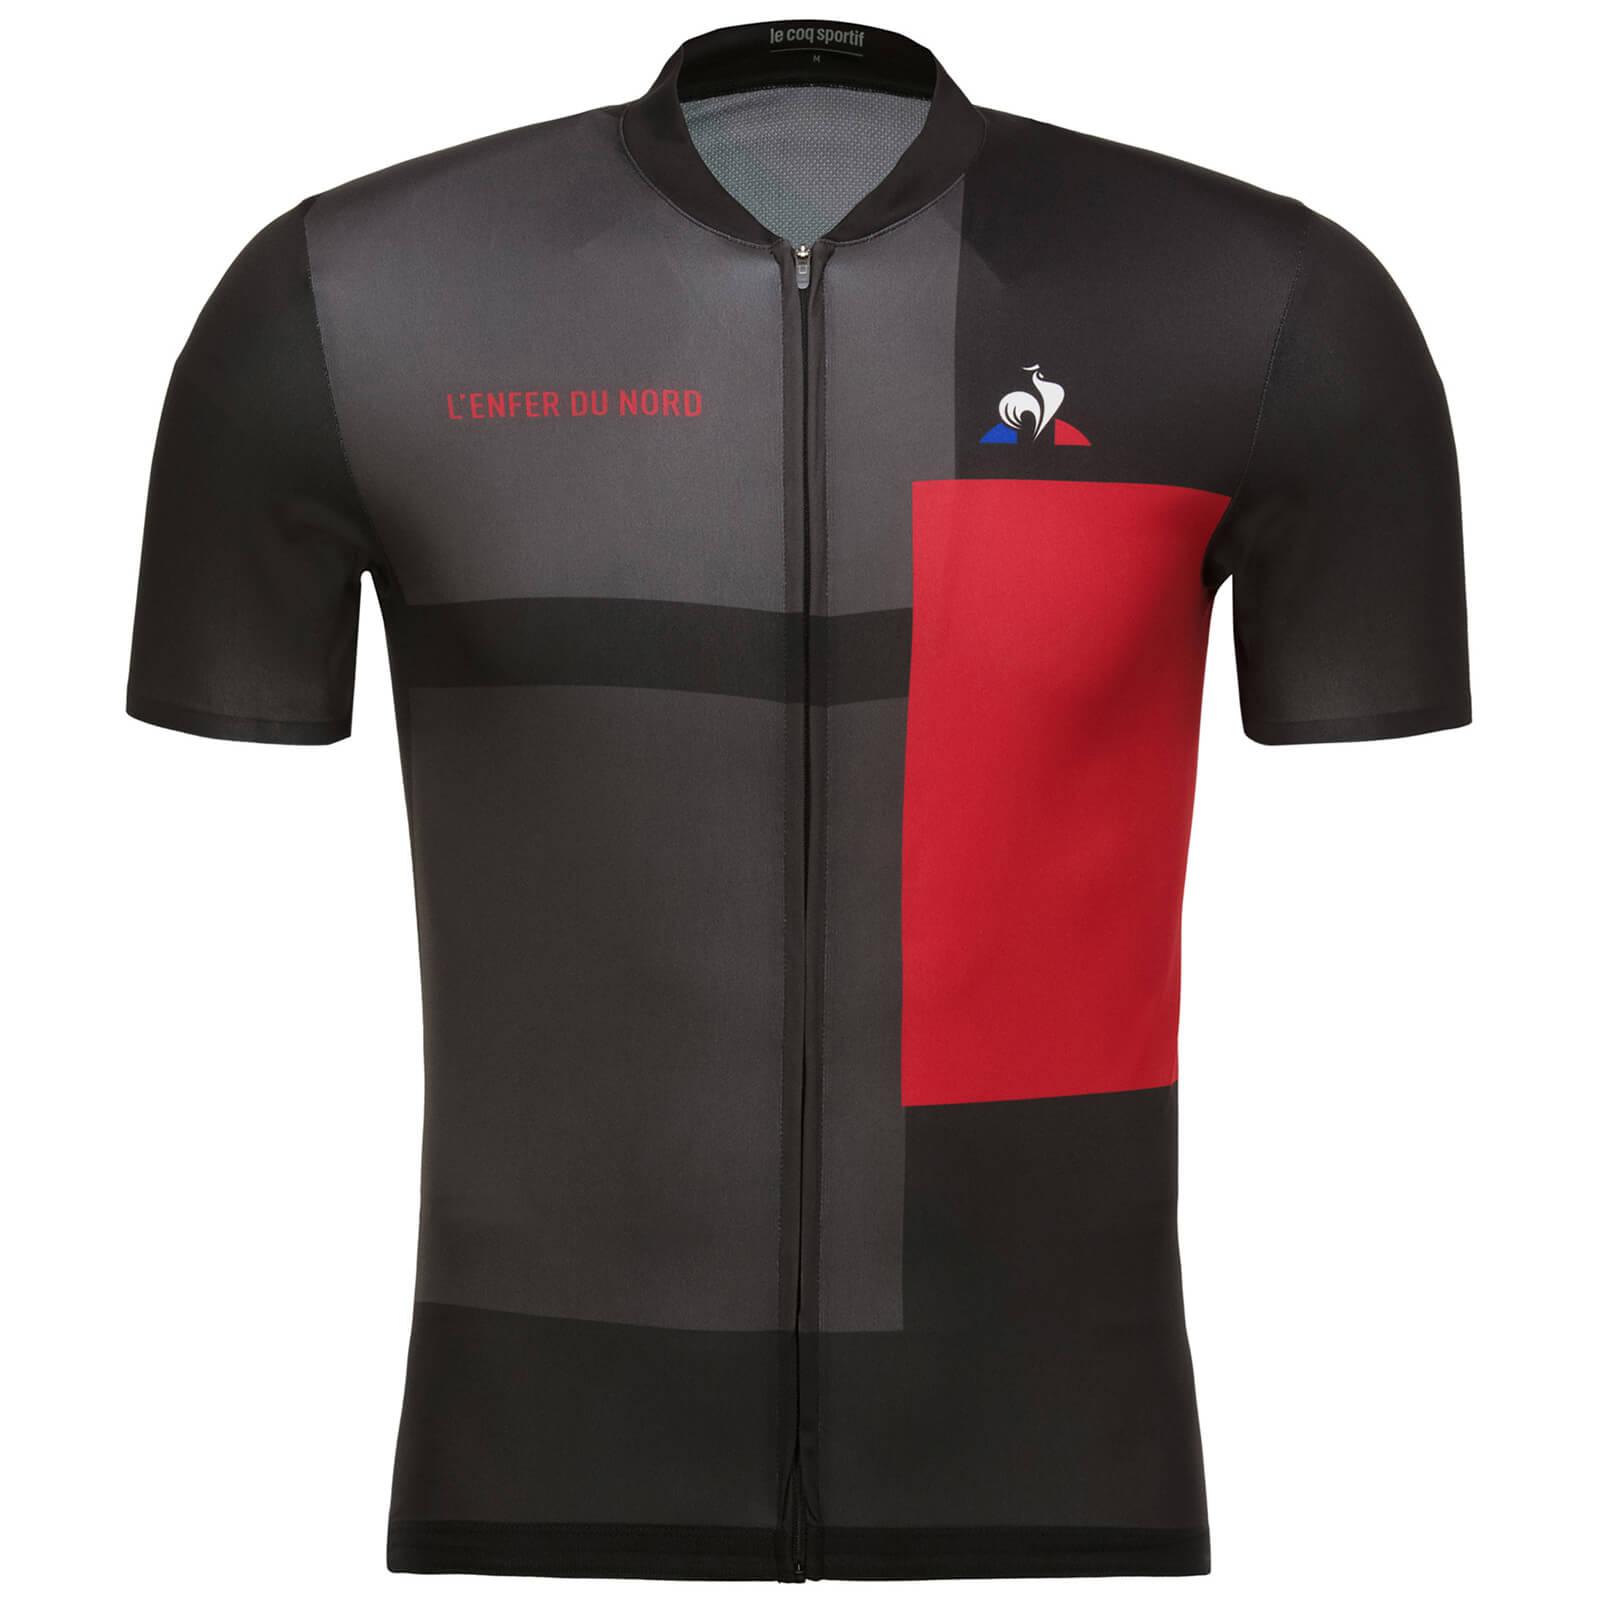 2f100c538 Le Coq Sportif Tour de France 2018 L Enfer Du Nord Jersey - Black Red